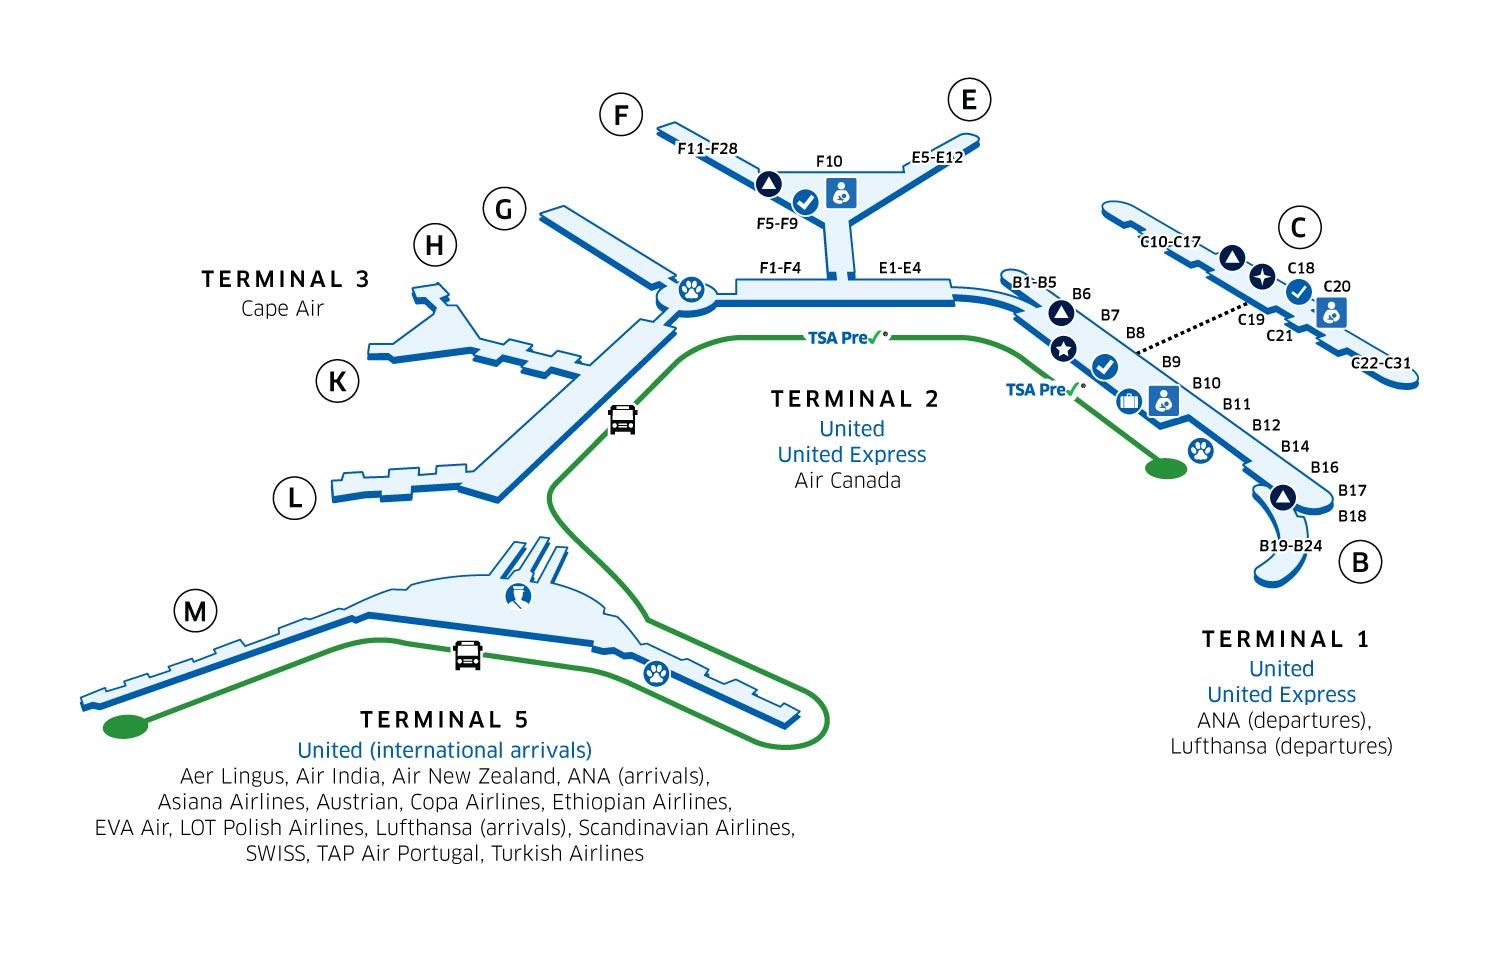 シカゴ・オヘア国際空港(ORD)マップ - このターミナルマップの後にテキストを表示